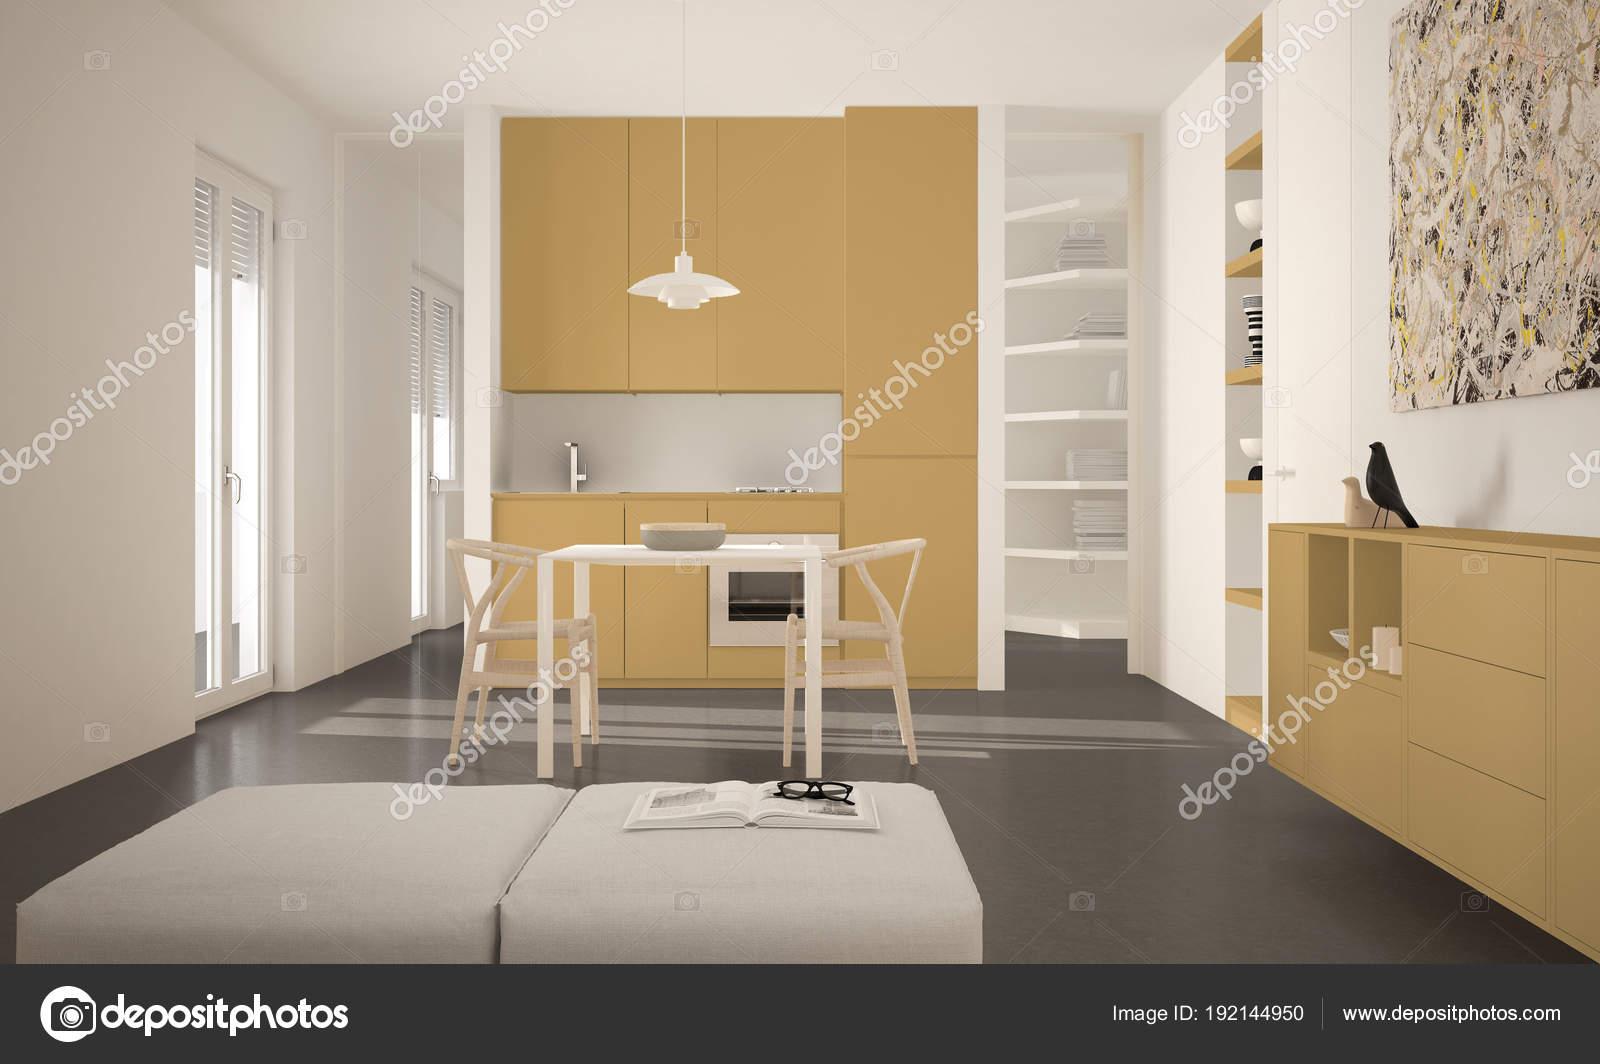 Minimalistische moderne lichte keuken met eettafel en stoelen grote